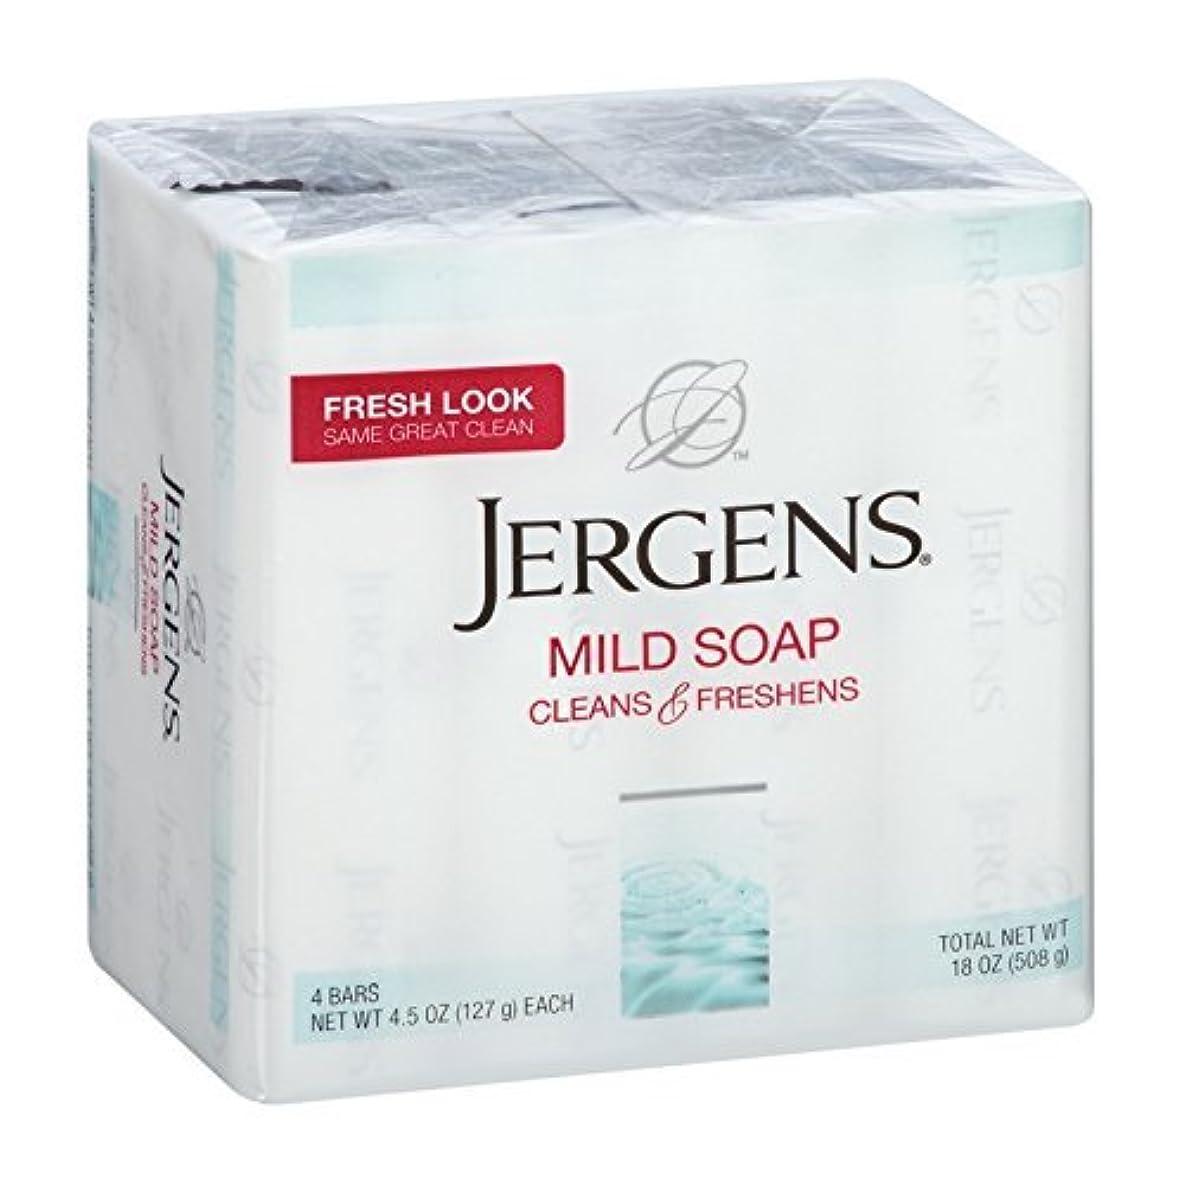 まあネット寛容Jergens マイルドソープきれいに&フレッシュ4つのバー、4.5オズ(2パック) 2パック